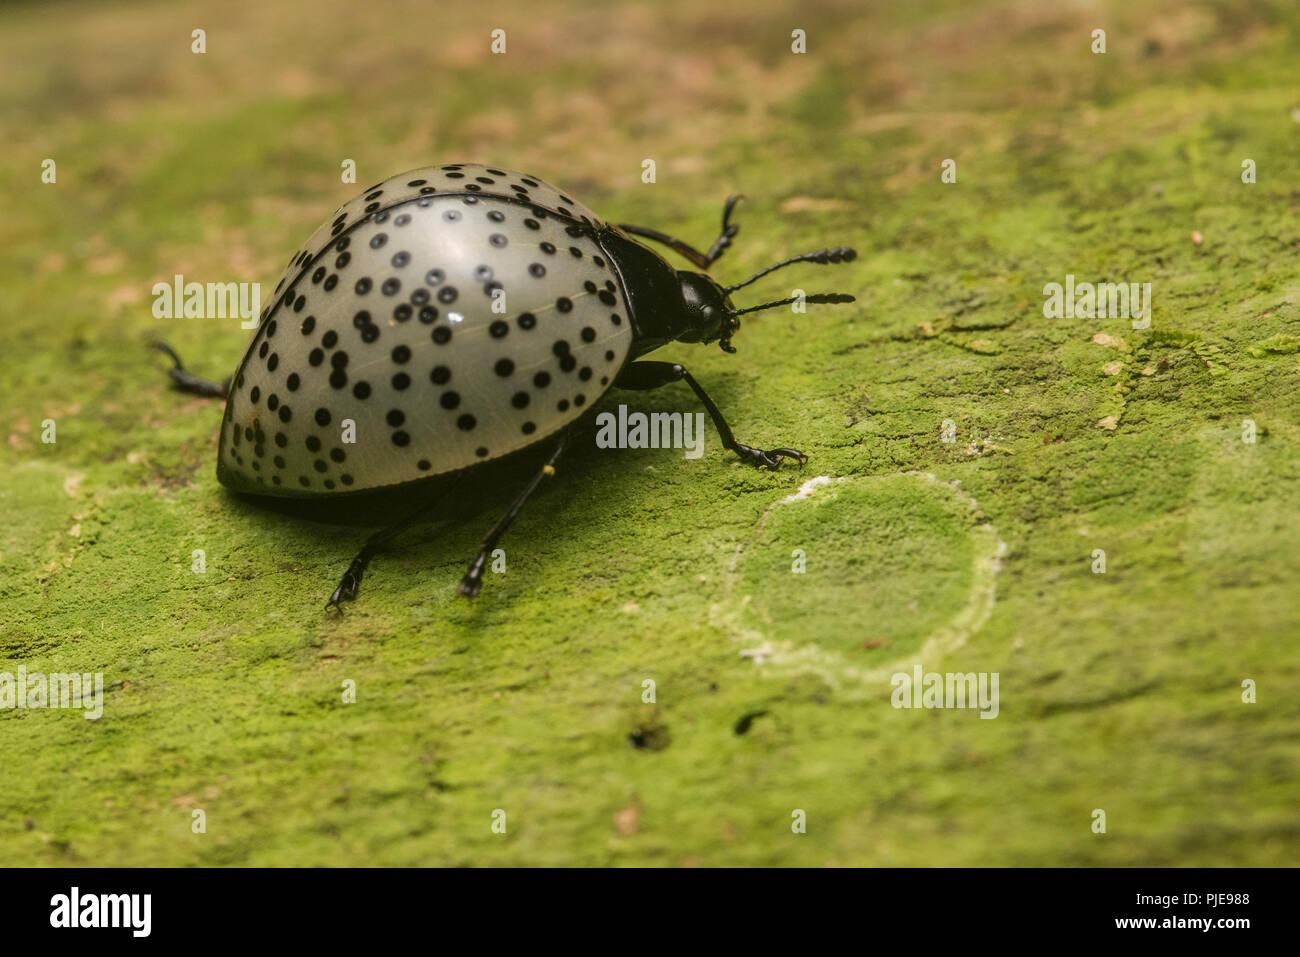 Un champignon de la famille des coléoptères, Aegithus Erotylidae potentiellement burmeisteri rampant le long d'un log dans le sud du Pérou. Photo Stock